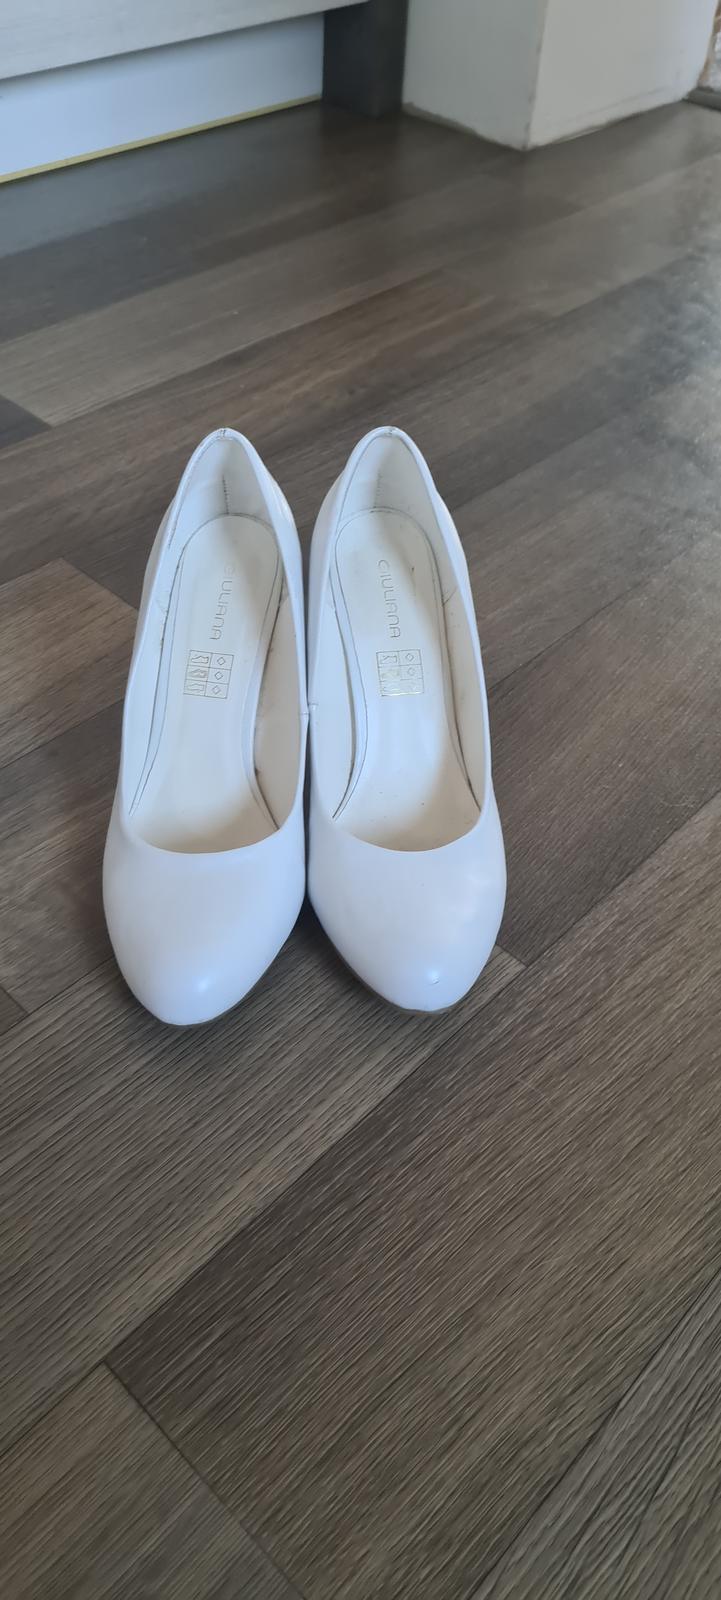 bílé lodicky - Obrázek č. 1